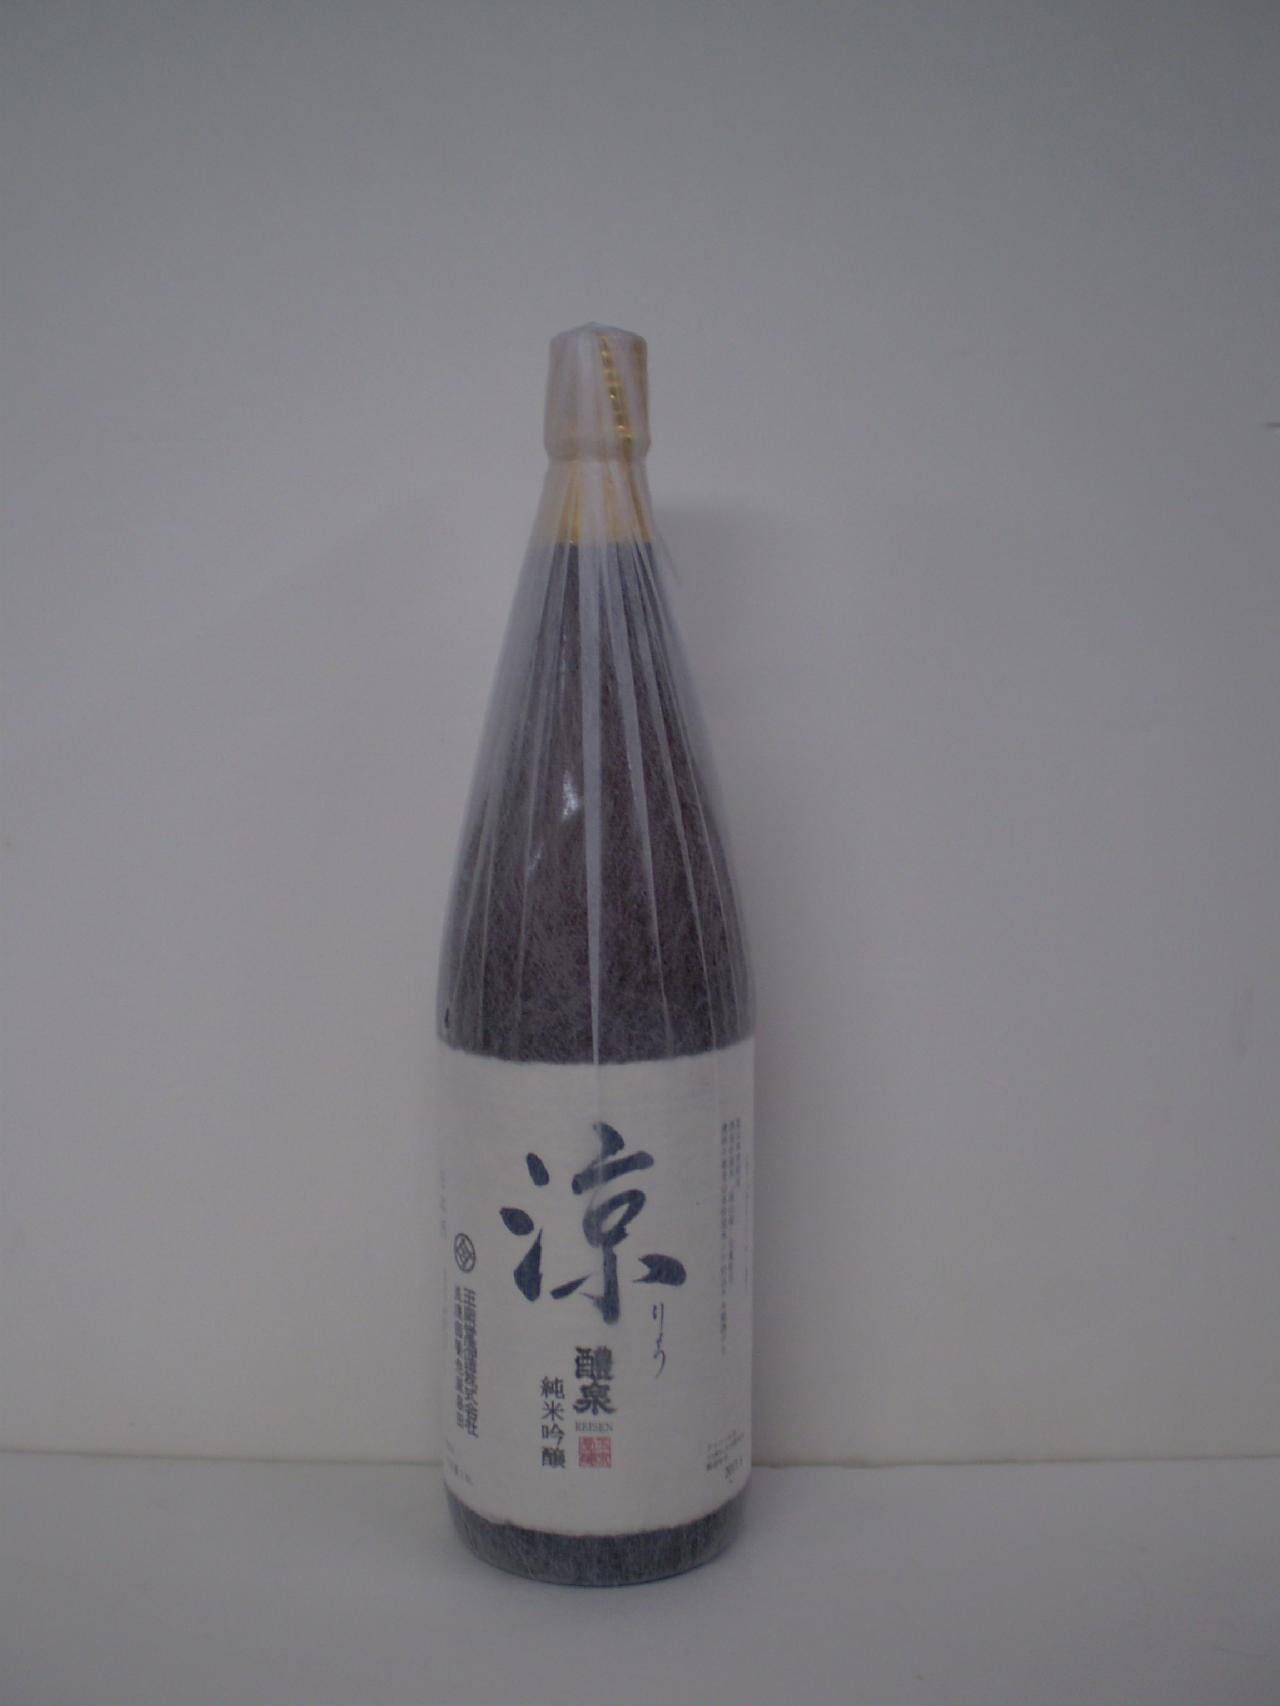 醴泉 純米吟醸 涼 1800ml 玉泉堂酒造